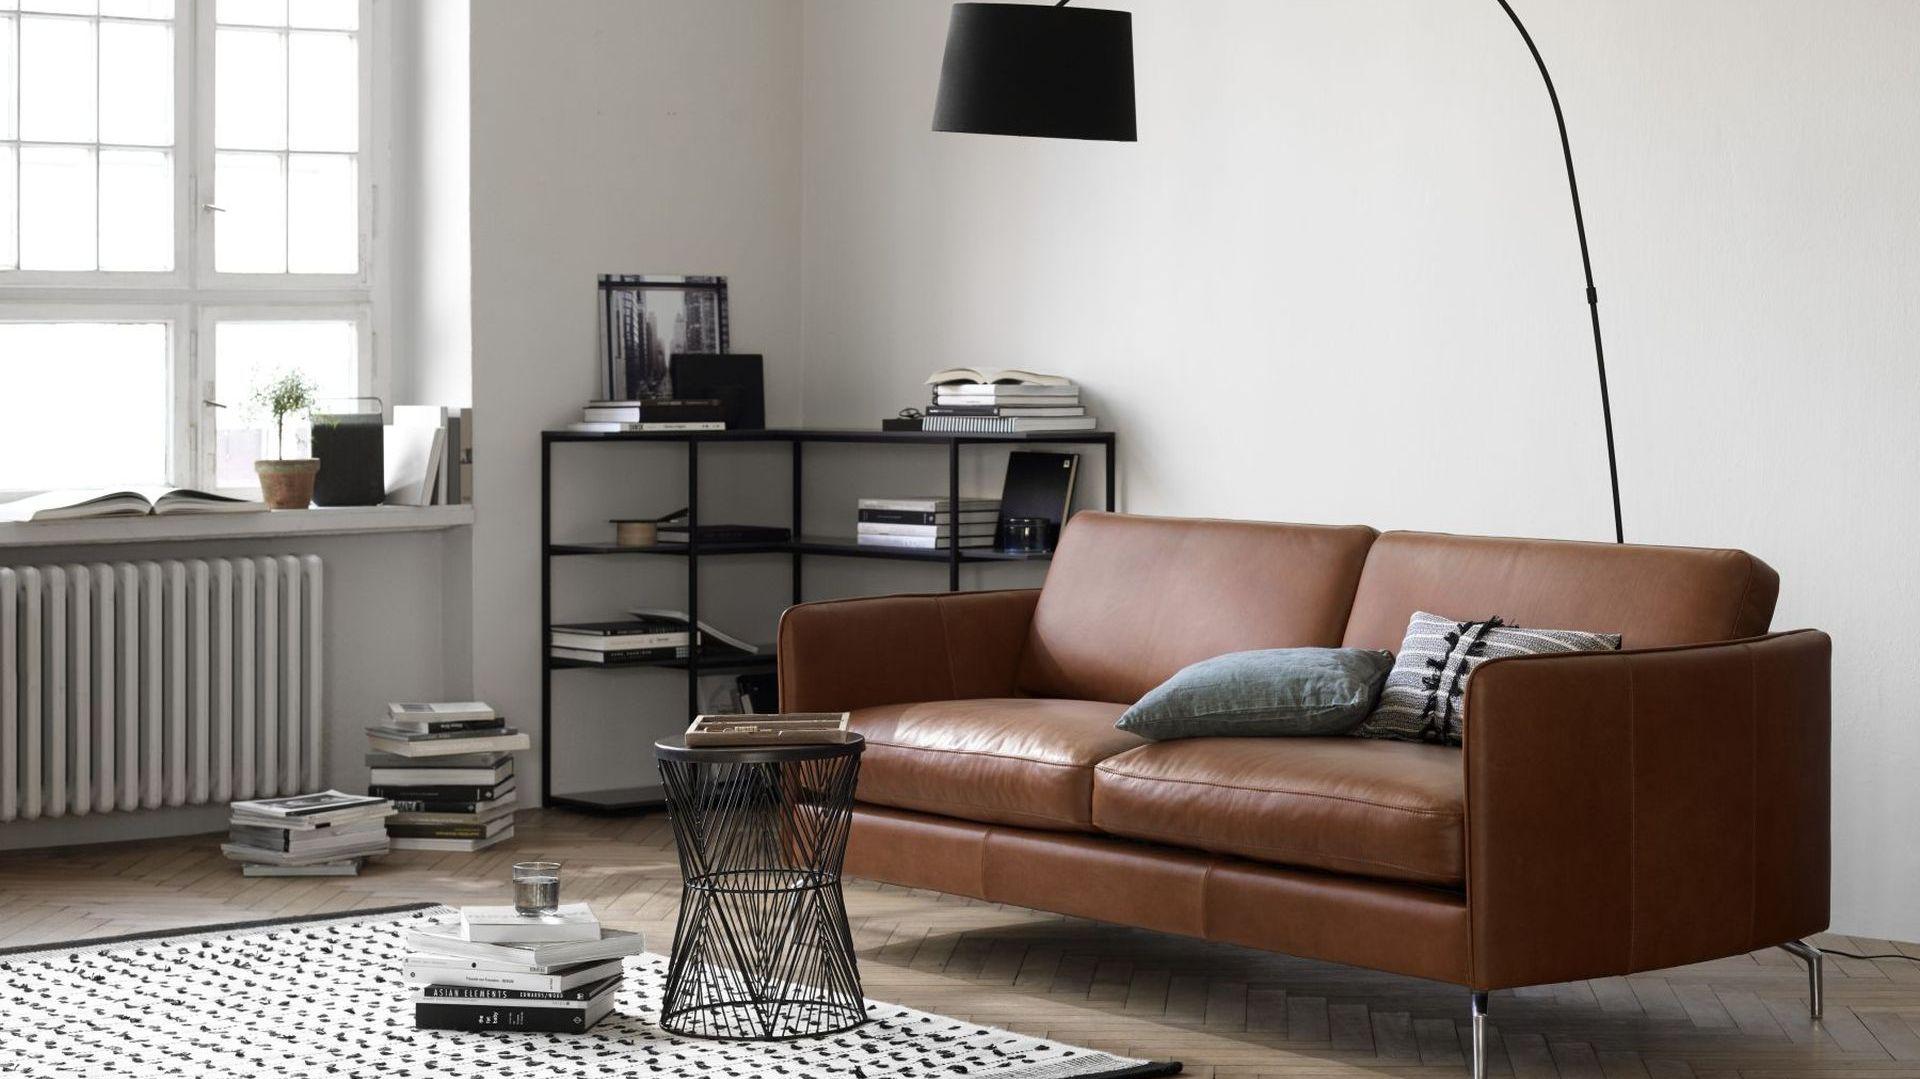 Duńskie wzornictwo to kwintesencja prostoty, minimalizmu, stonowanych kolorów oraz wysokiej użyteczności przedmiotów. Fot. BoConcept